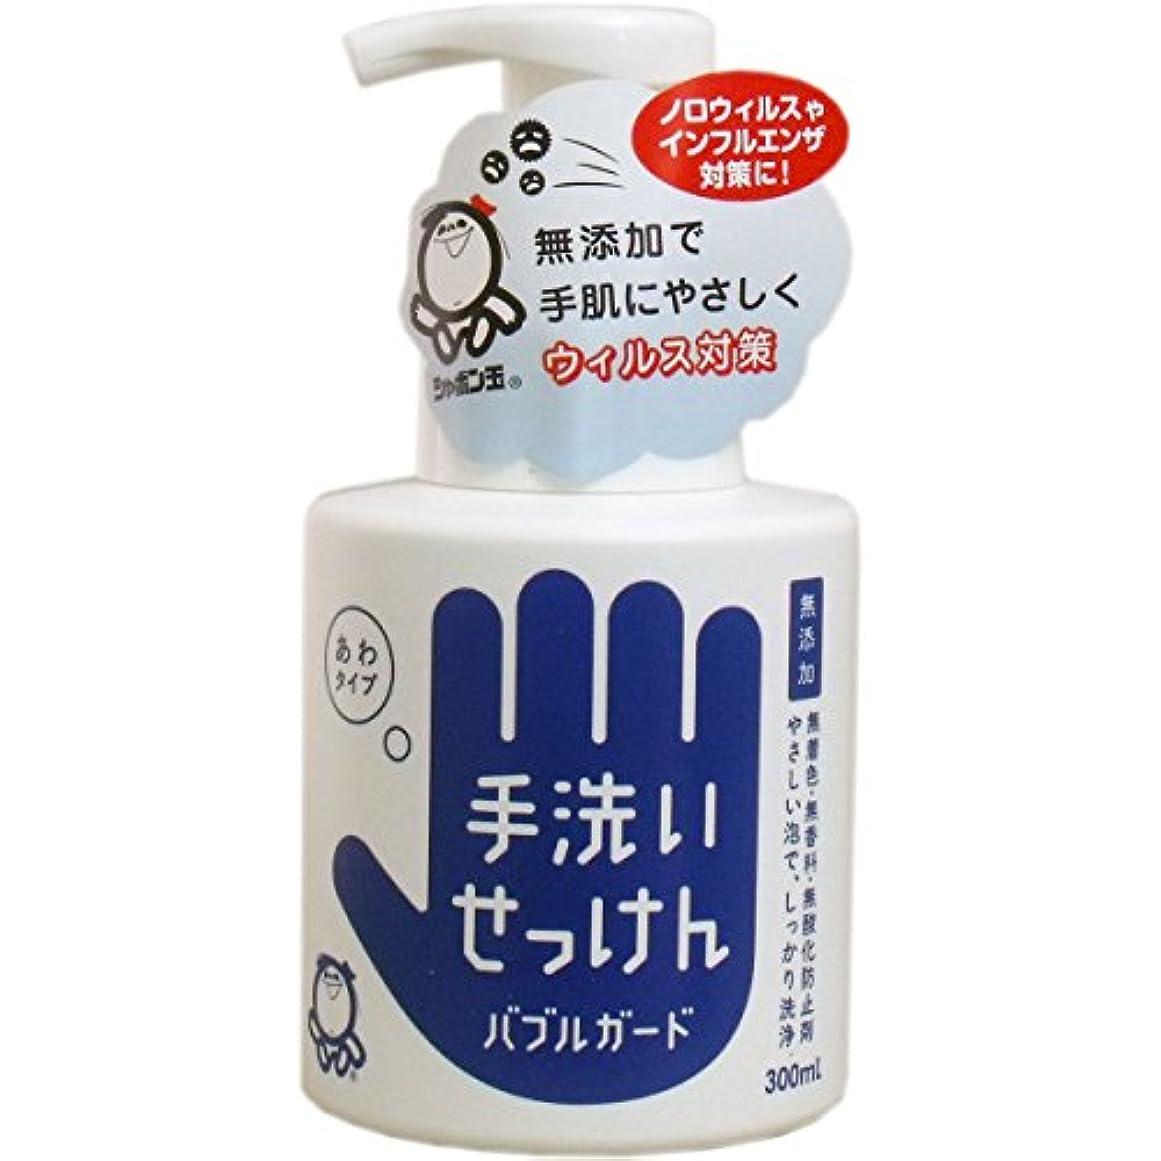 競争避難するシリーズシャボン玉石けん 手洗いせっけん バブルガード 本体 300ml 1本